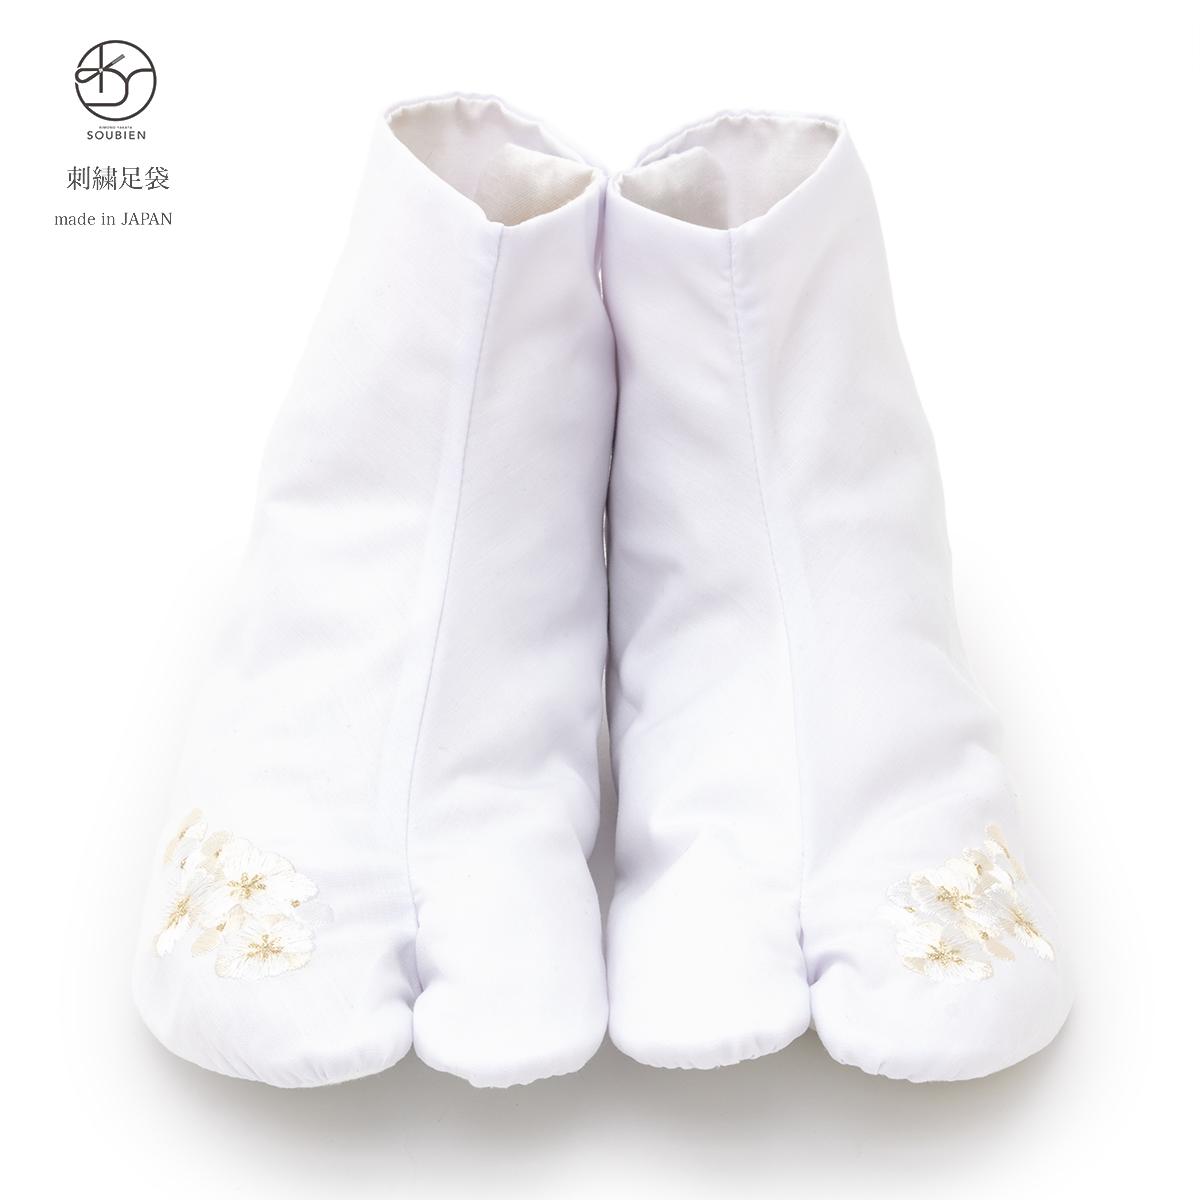 振袖や袴などの晴れの日の着物におすすめな白足袋